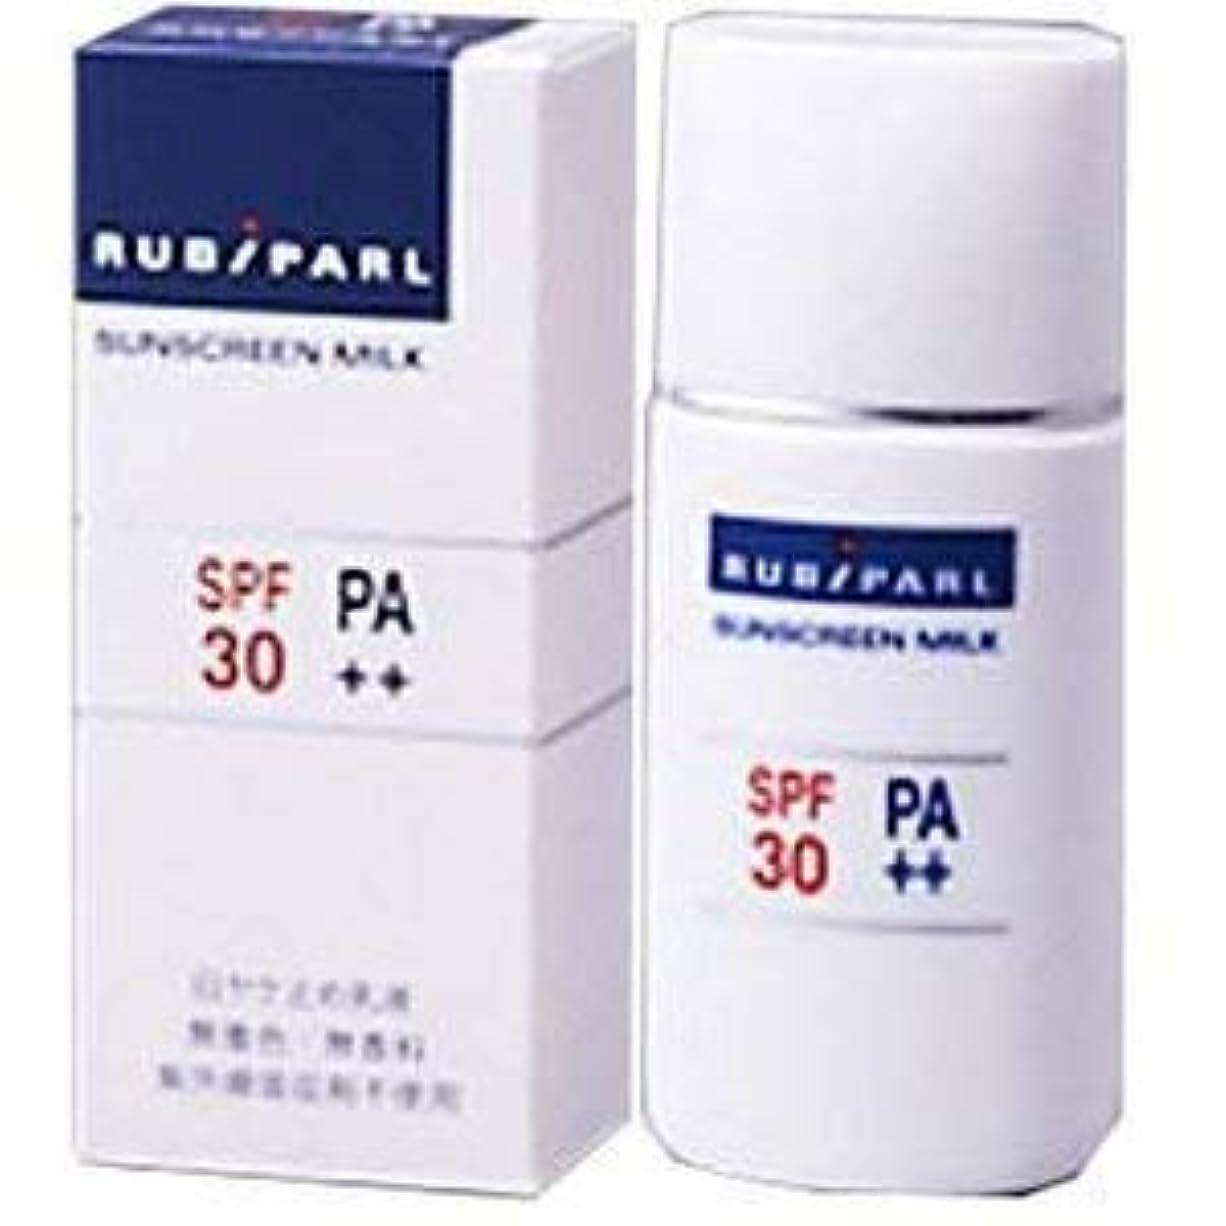 炭水化物いちゃつく呼び出すルビパール サンスクリーンミルク 日ヤケ止め乳液 SPF30 PA++ 30mLx3個セット